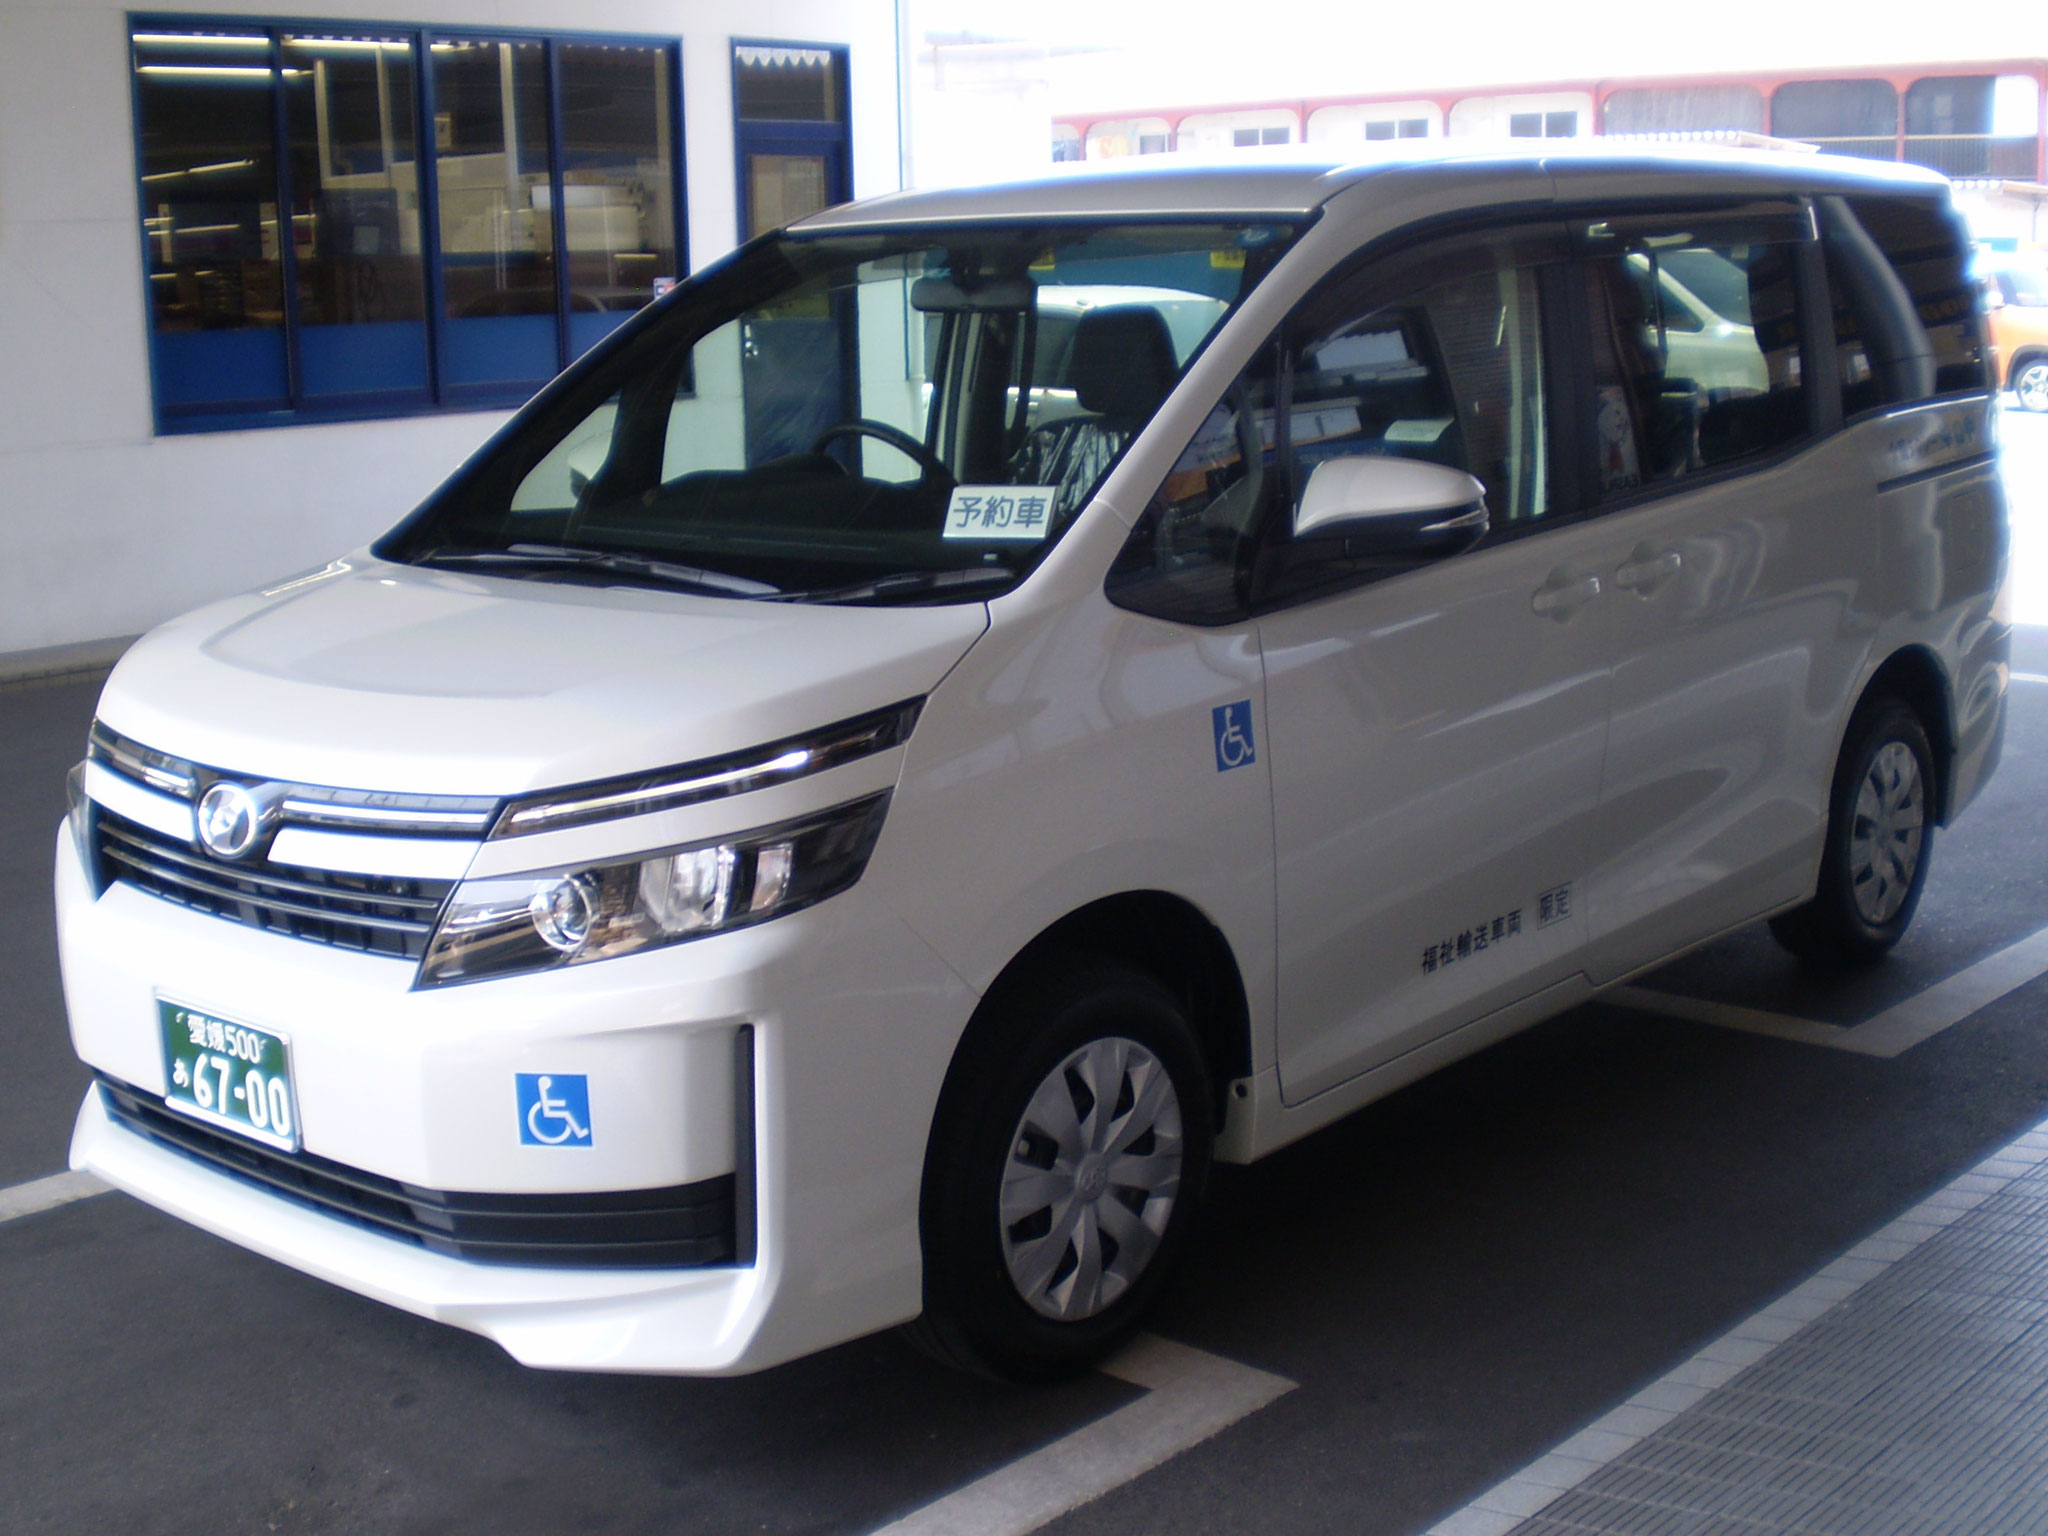 介護タクシー中のやの事業用車両の写真